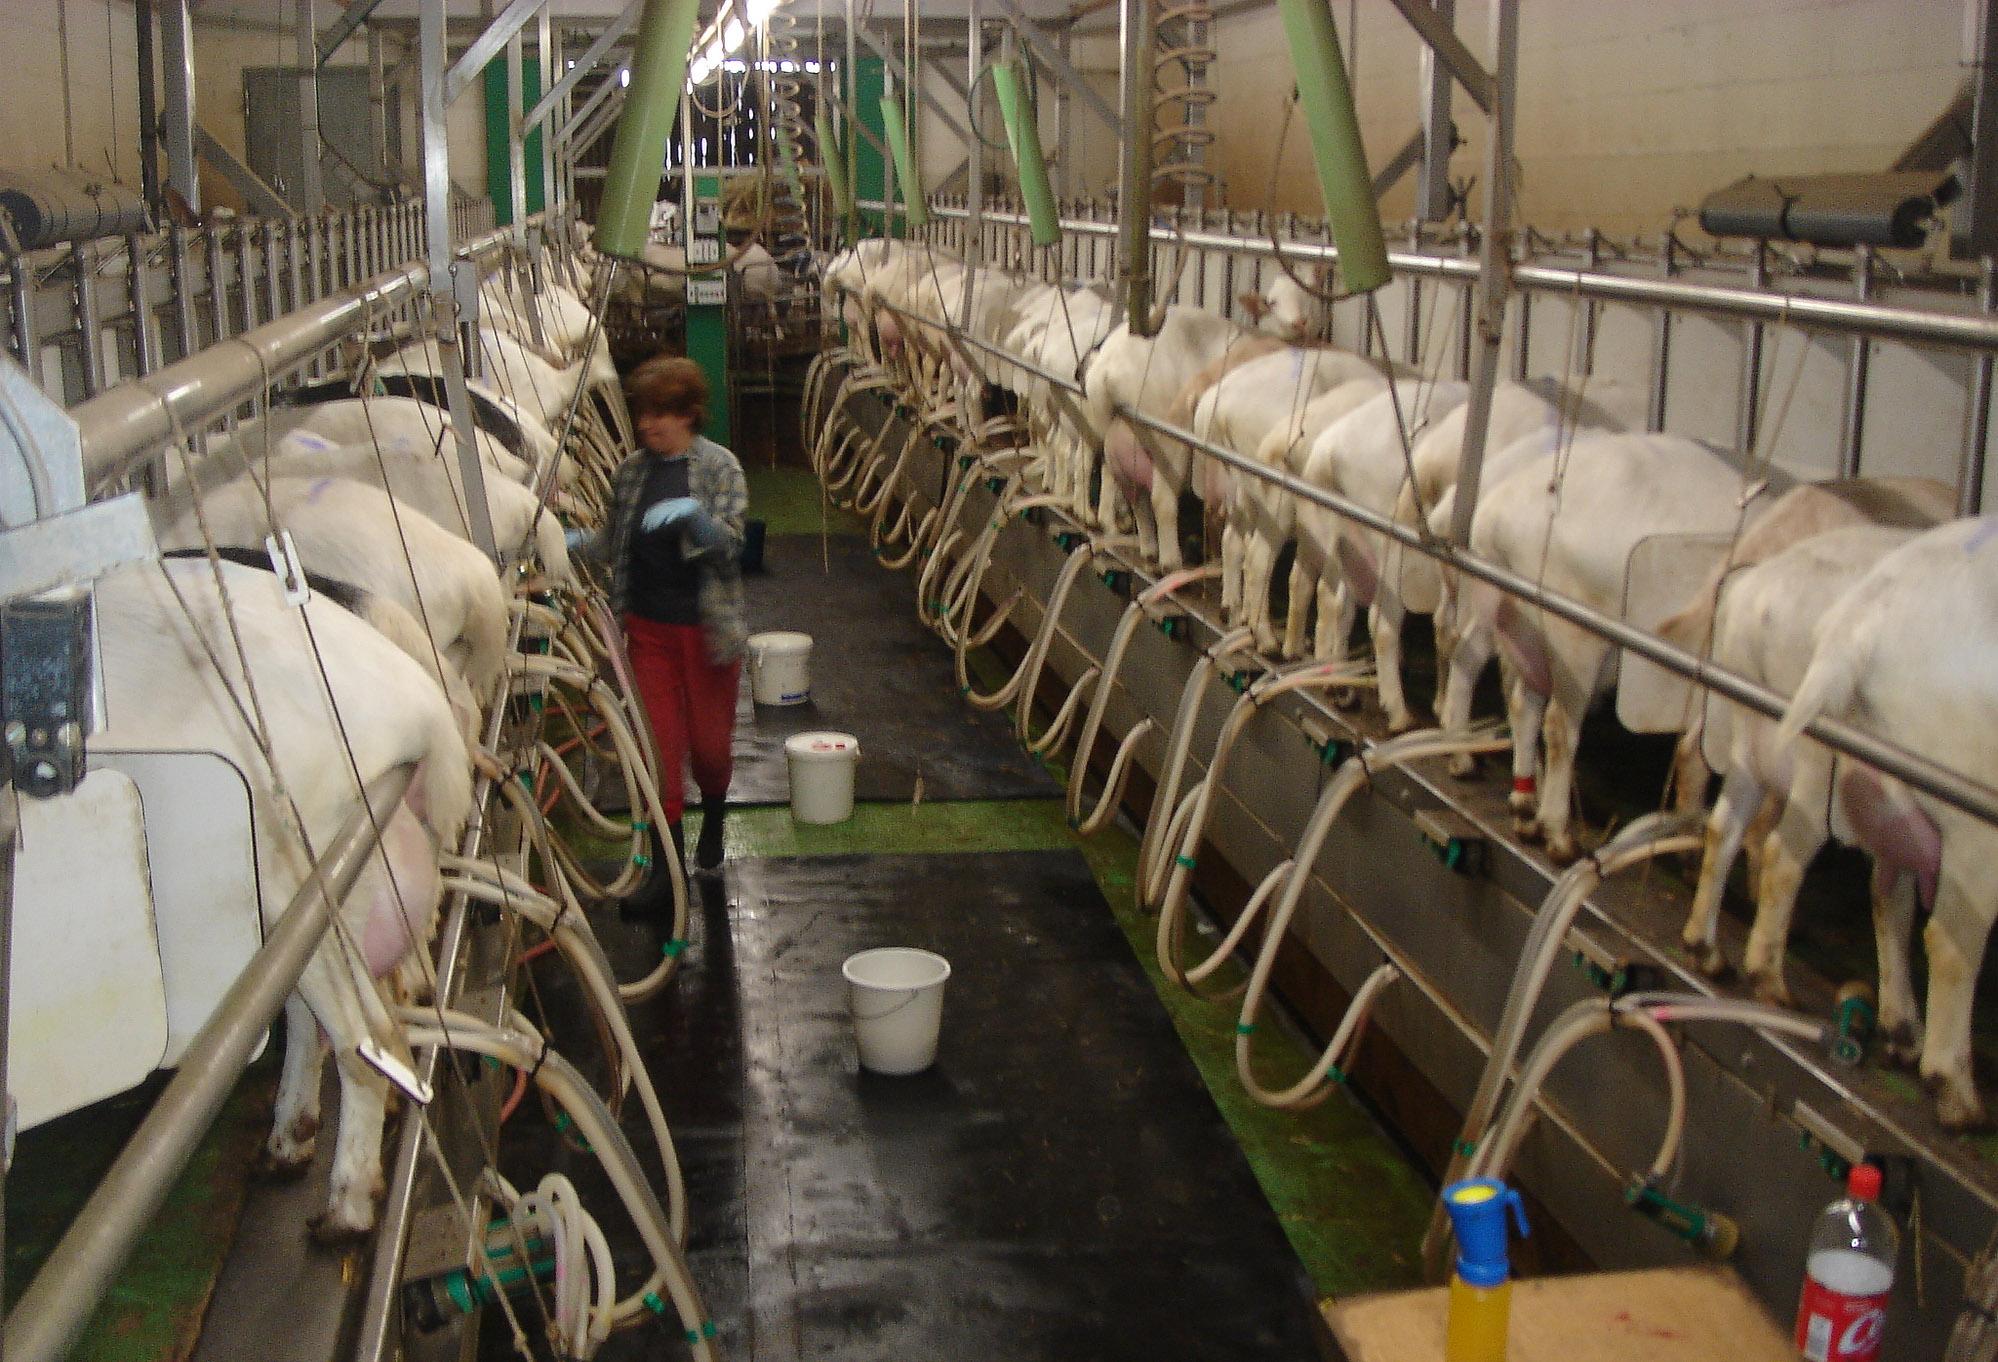 Бизнес-план козьей фермы на 50 голов и ход строительства